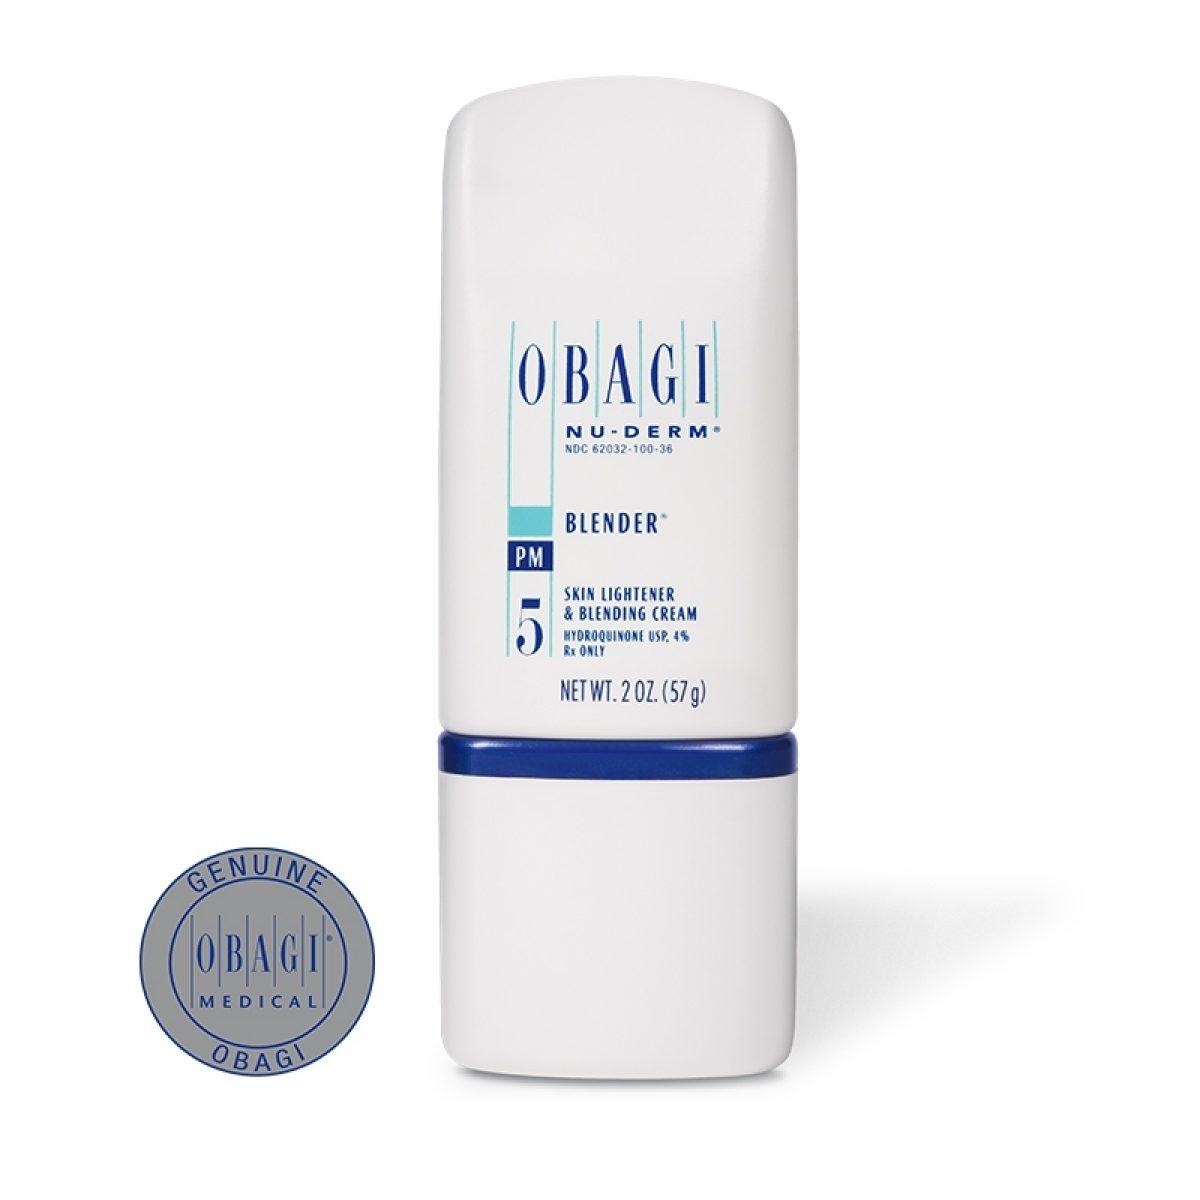 Obagi Nu-Derm® Blender